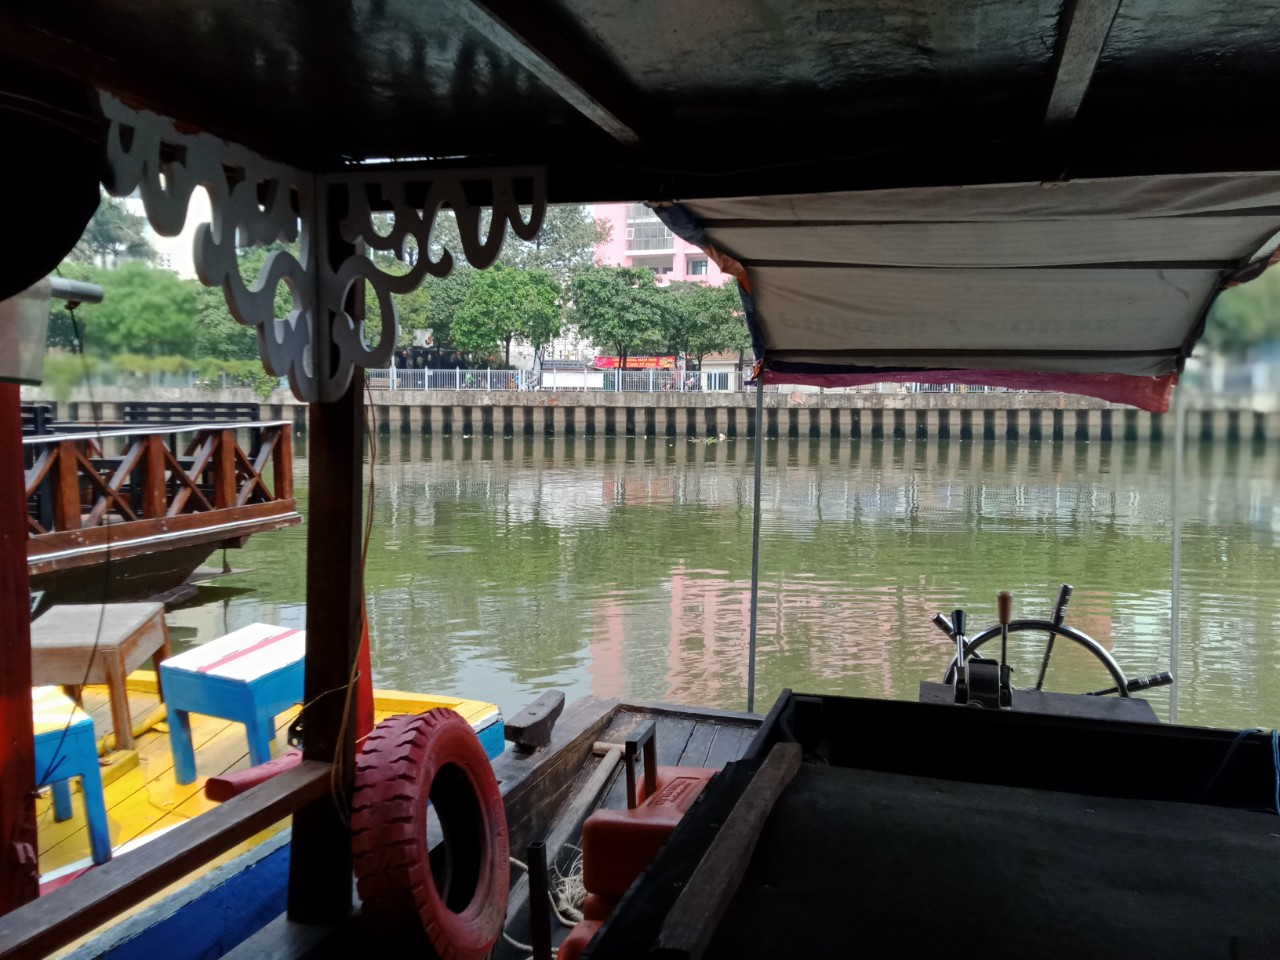 Chúng tôi đi Trên kênh Nhiêu Lộc- Thị Nghè bằng thuyền Qui, trong 1 giờ 15 phút, thuyến hơn 10 người, mỗi người chỉ mất 110 ngàn đồng , còn được tặng nước ngọt, trái cây, thuyết minh và nghe nhạc.